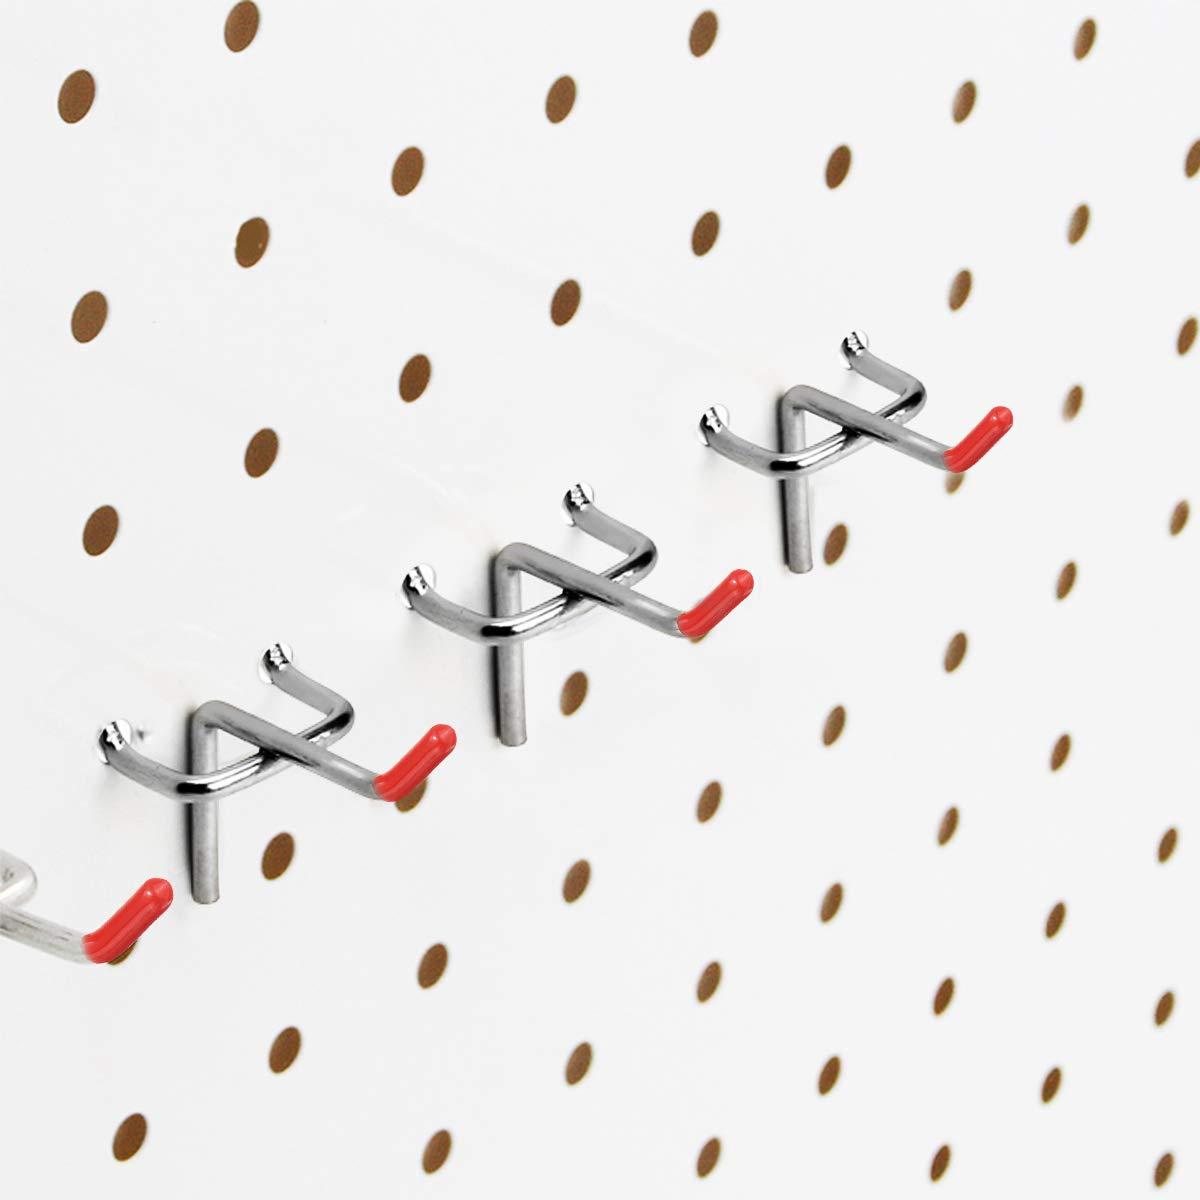 Lote de Ganchos de Metal de 50 mm para Paneles Perforados Bricolaje KING DO WAY 25 piezas de Ganchos para Pizarra